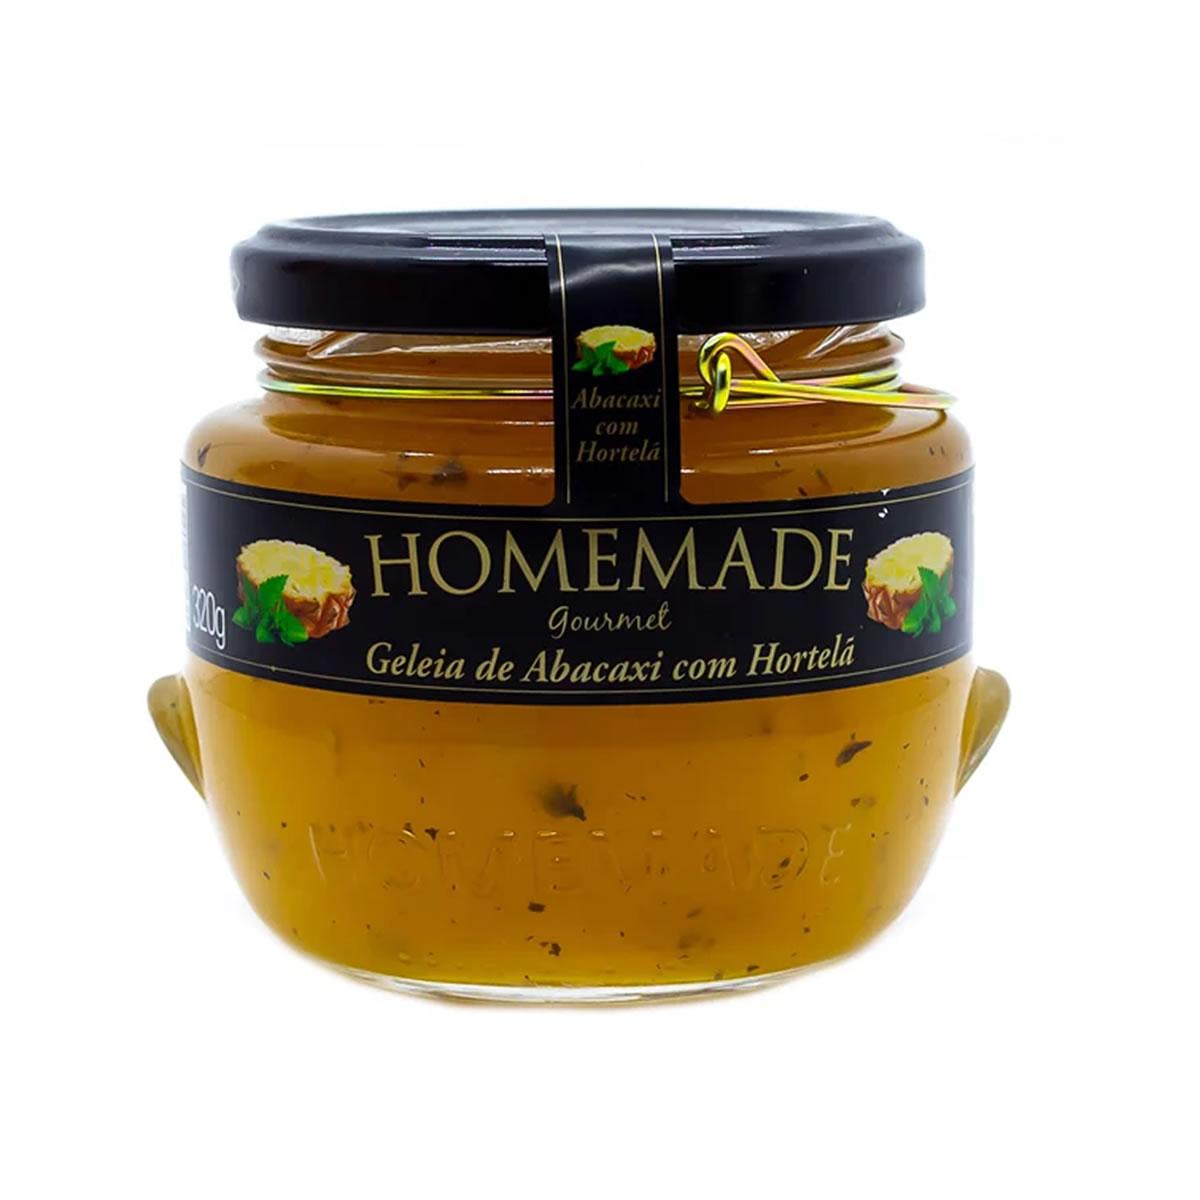 Geleia de Abacaxi com Hortelã 320g - Homemade